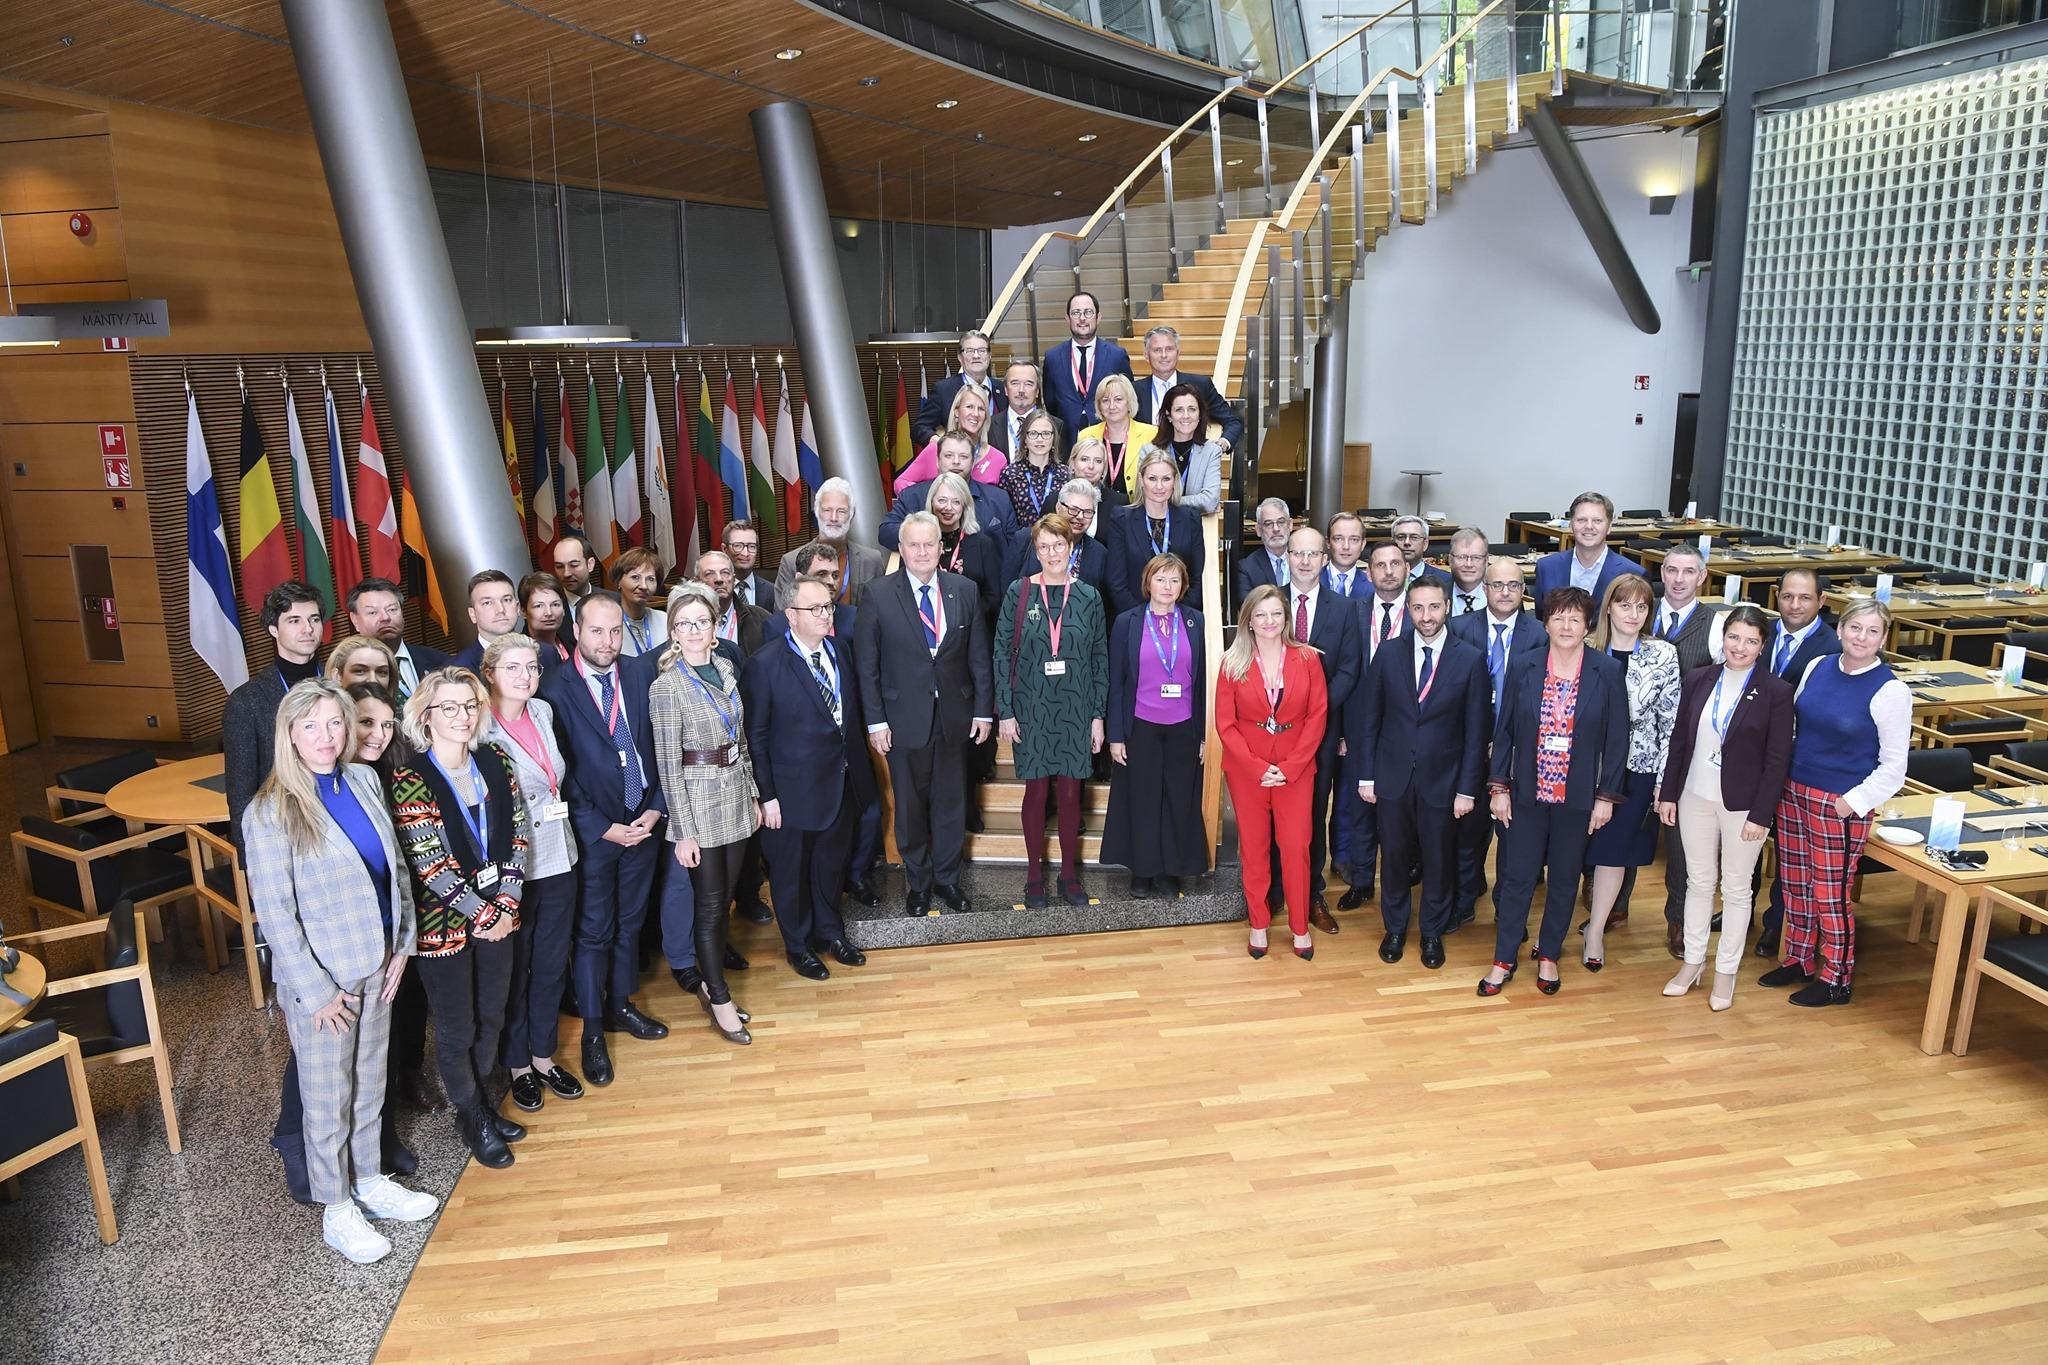 Τη Βουλή των Ελλήνων εκπροσώπησε η Δρ. Διονυσία-Θεοδώρα Αυγερινοπούλου στη Διακοινοβουλευτική Διάσκεψη για την Κλιματική Αλλαγή (Ελσίνκι 6-7 Οκτωβρίου 2019)